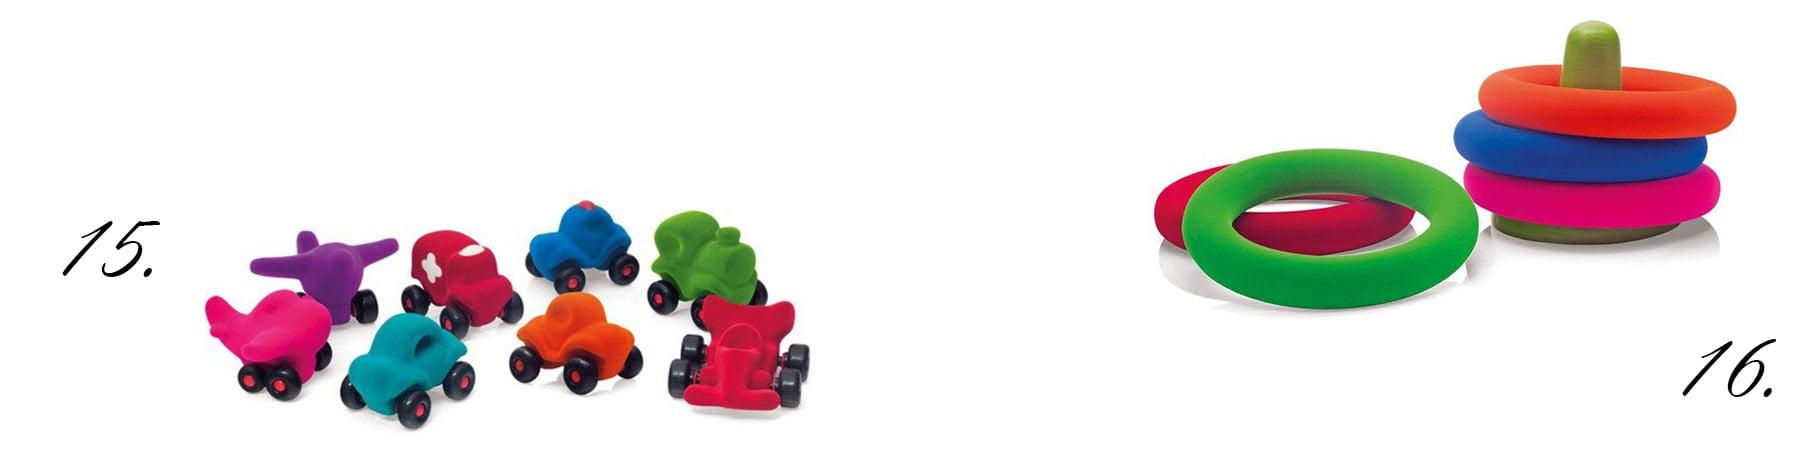 zabawki dla dzieci 9-12 miesięcy